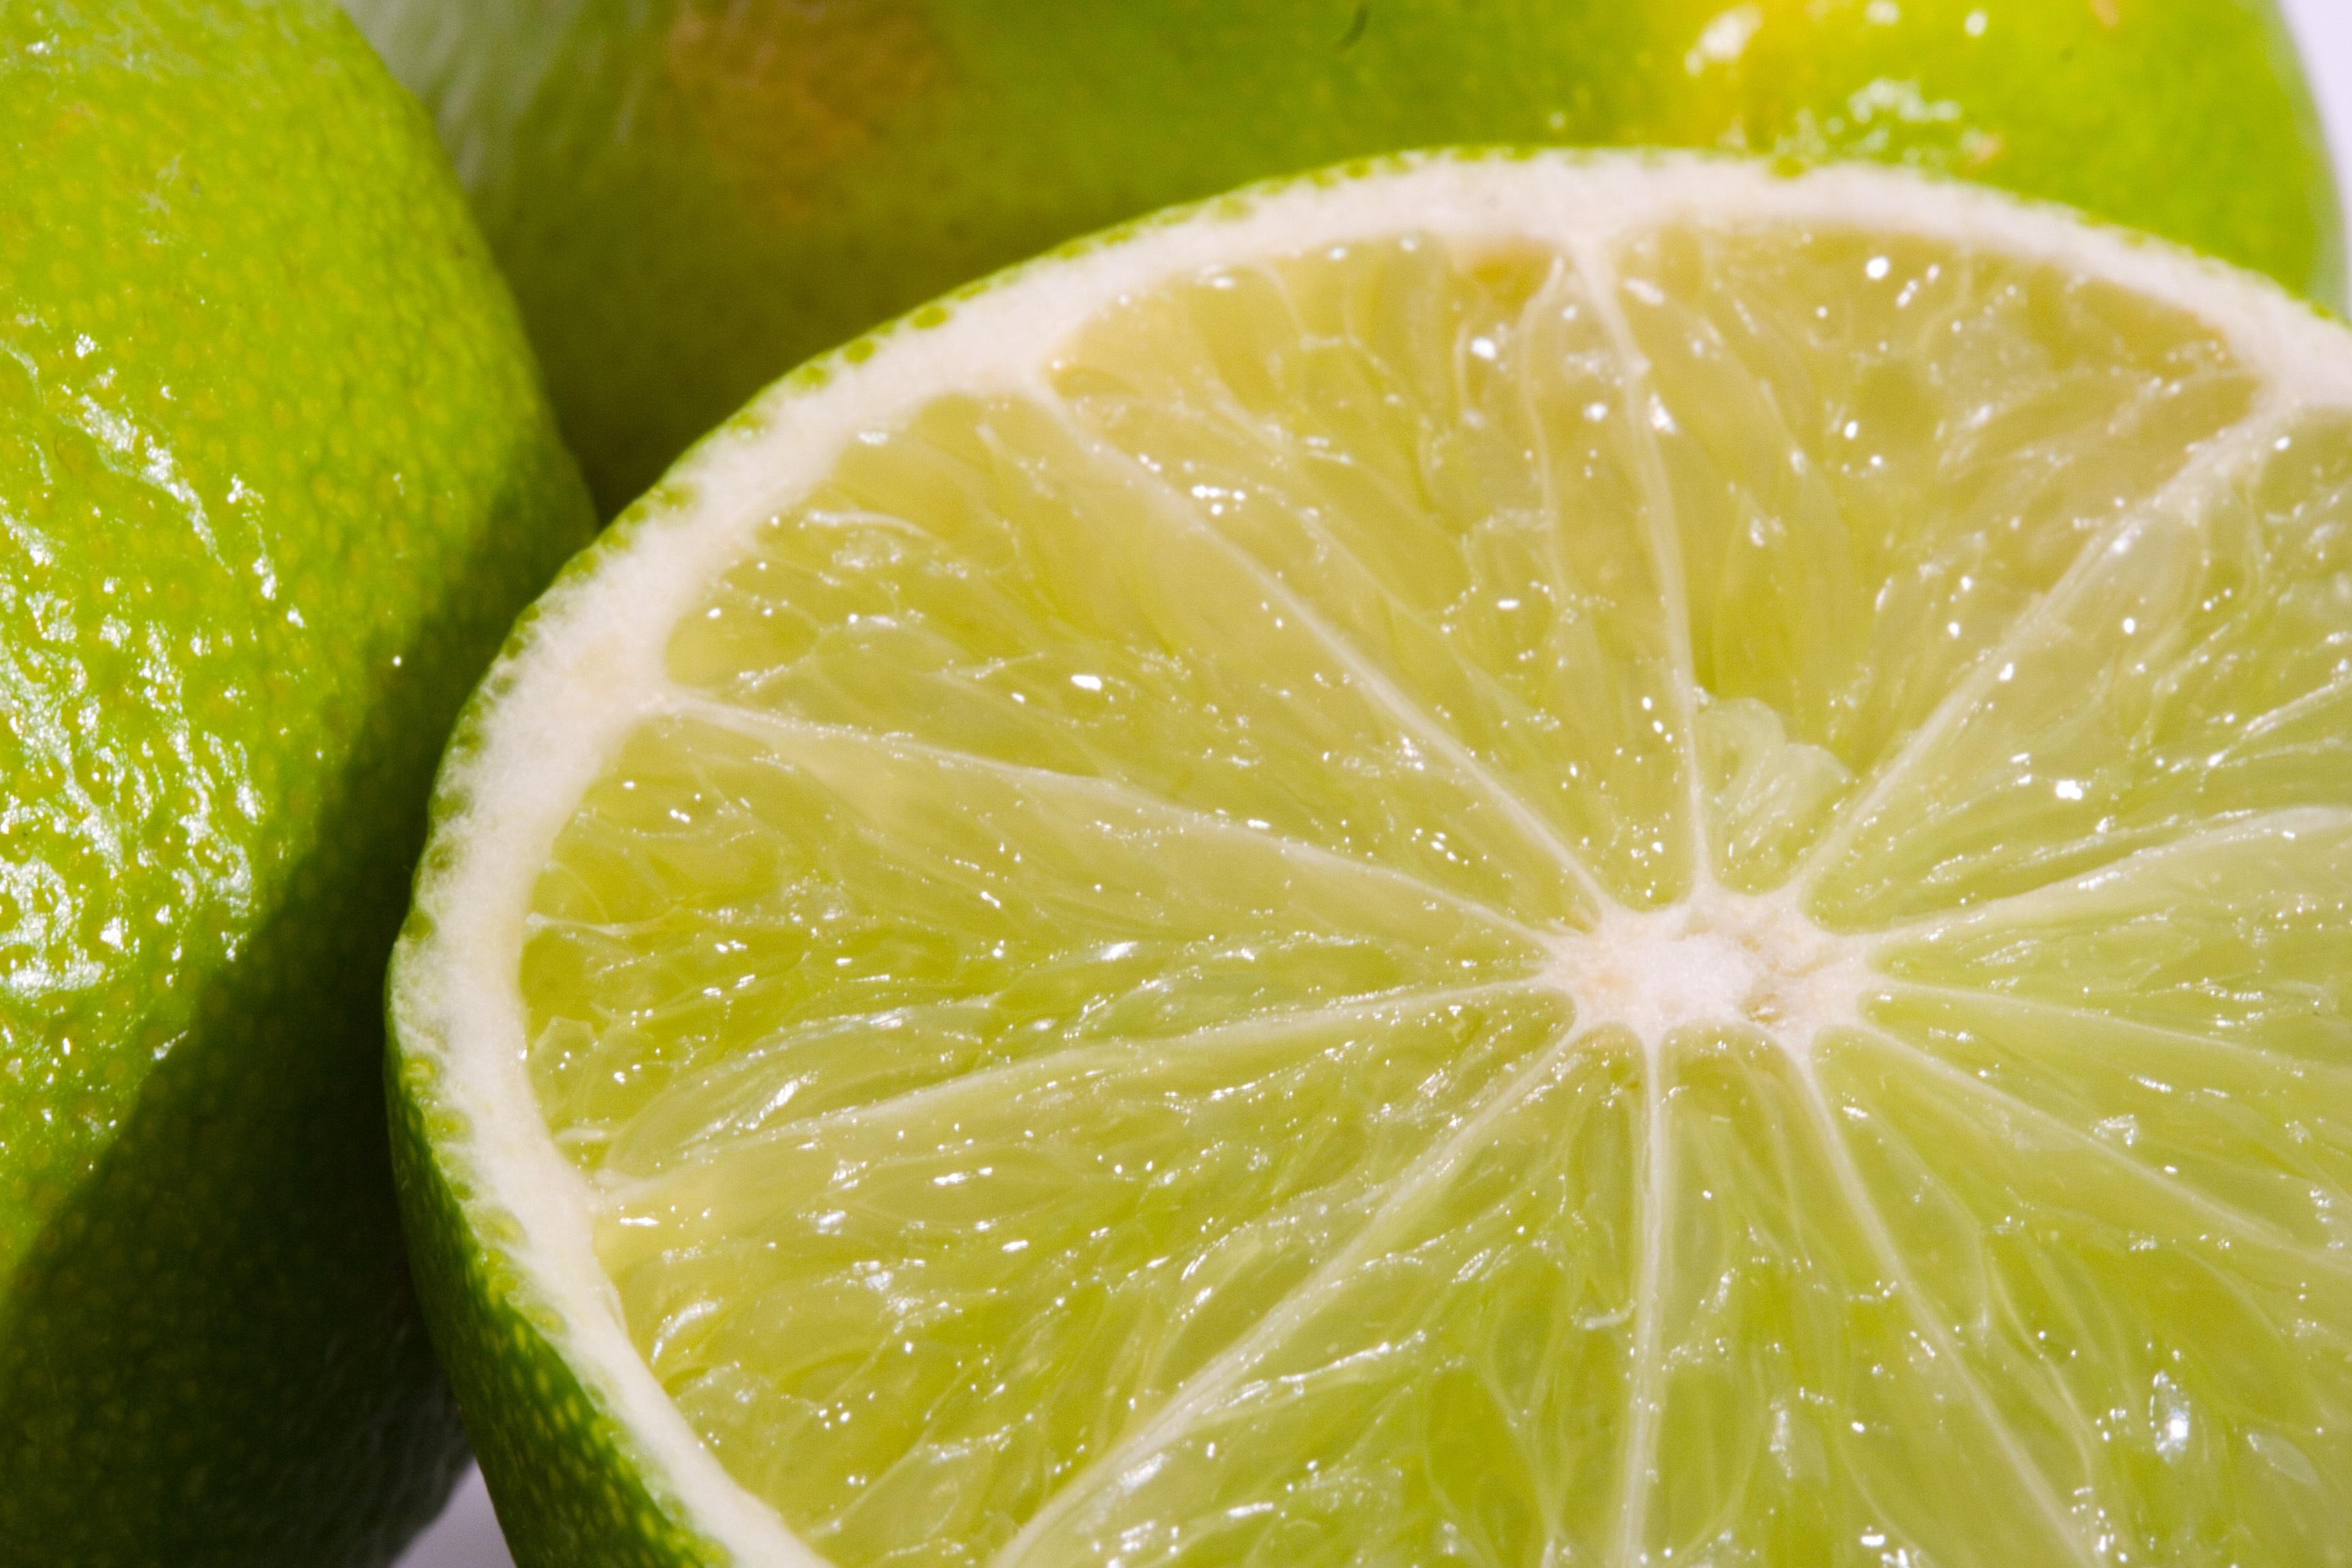 декоративное дерево фотографии фрукта лайм приходом